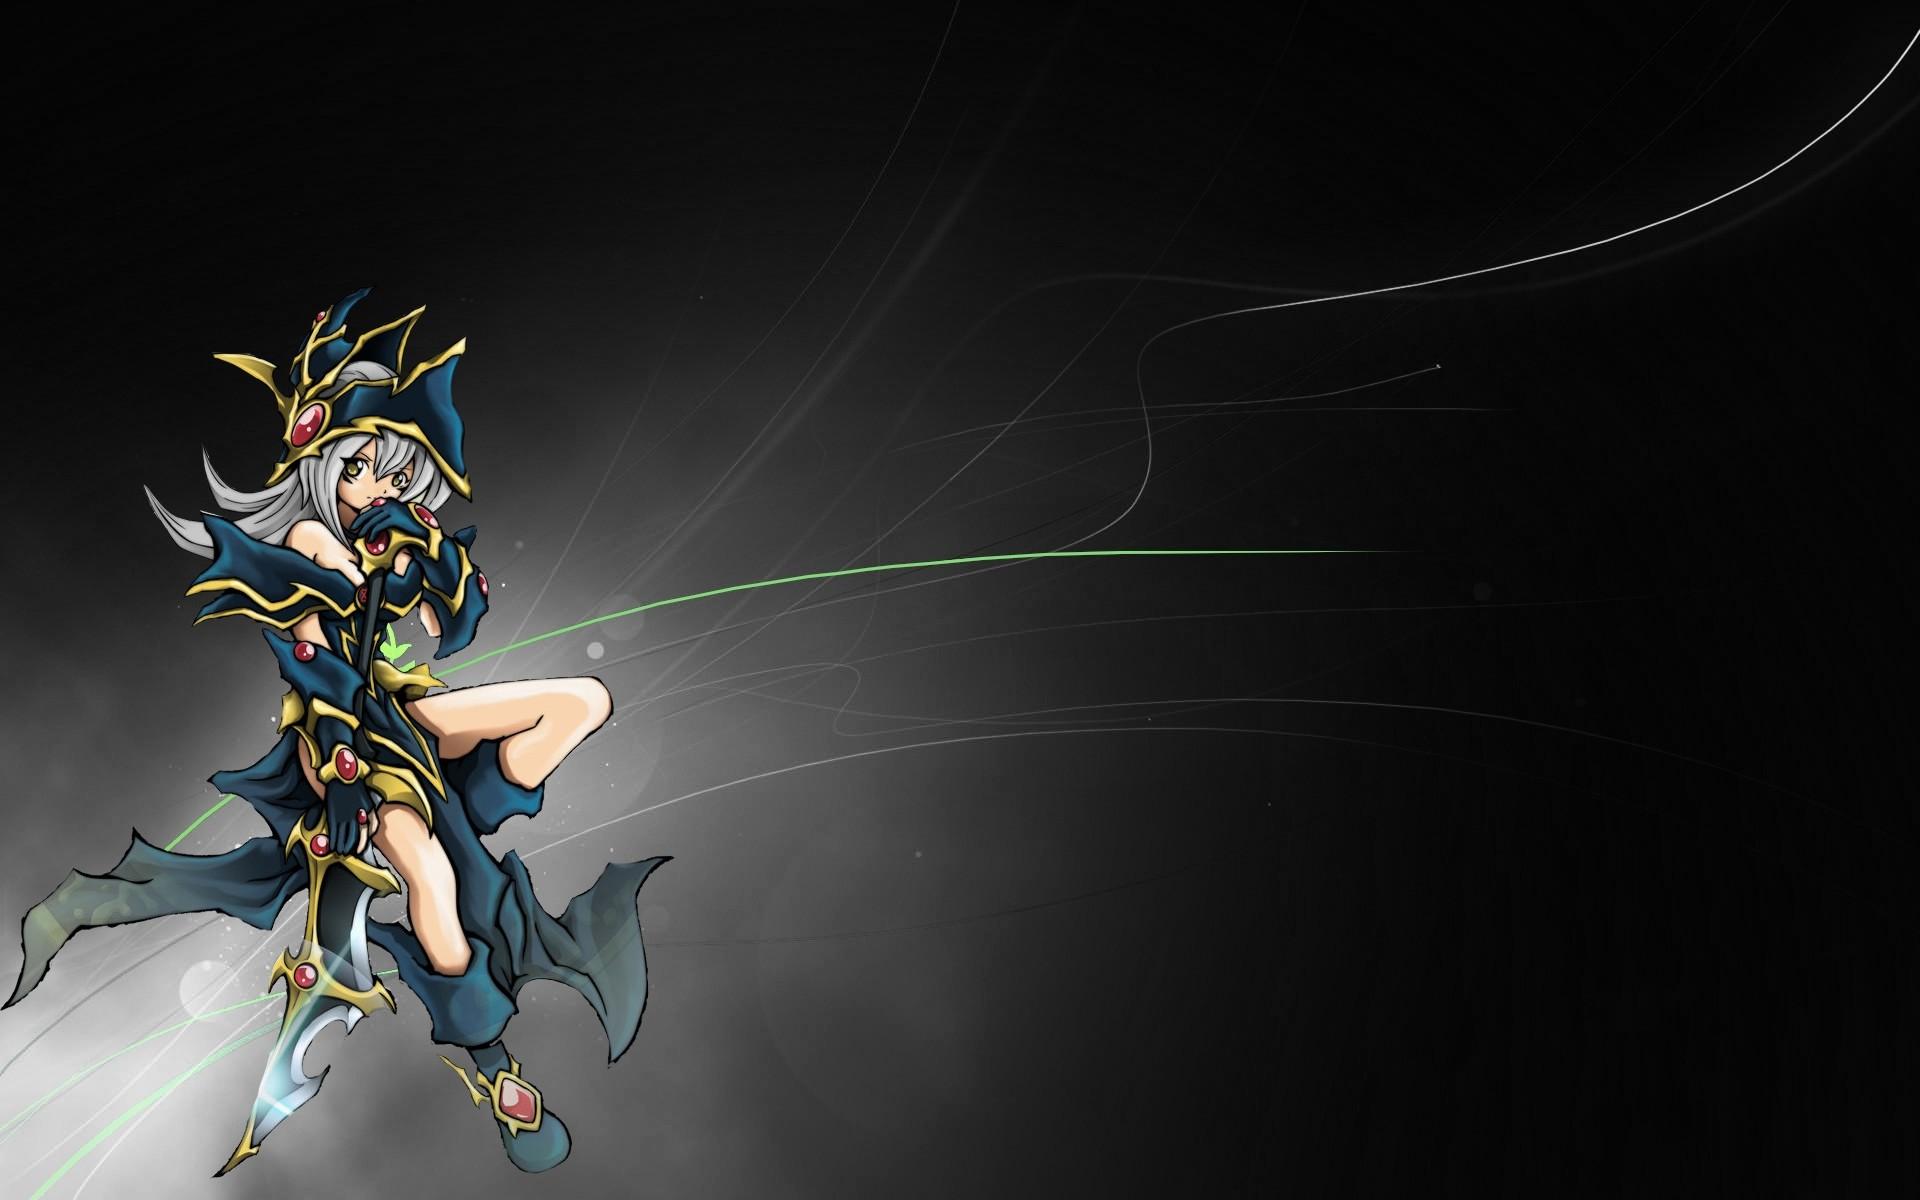 Dark Magician Girl YuGiOh! wallpaper Game wallpapers